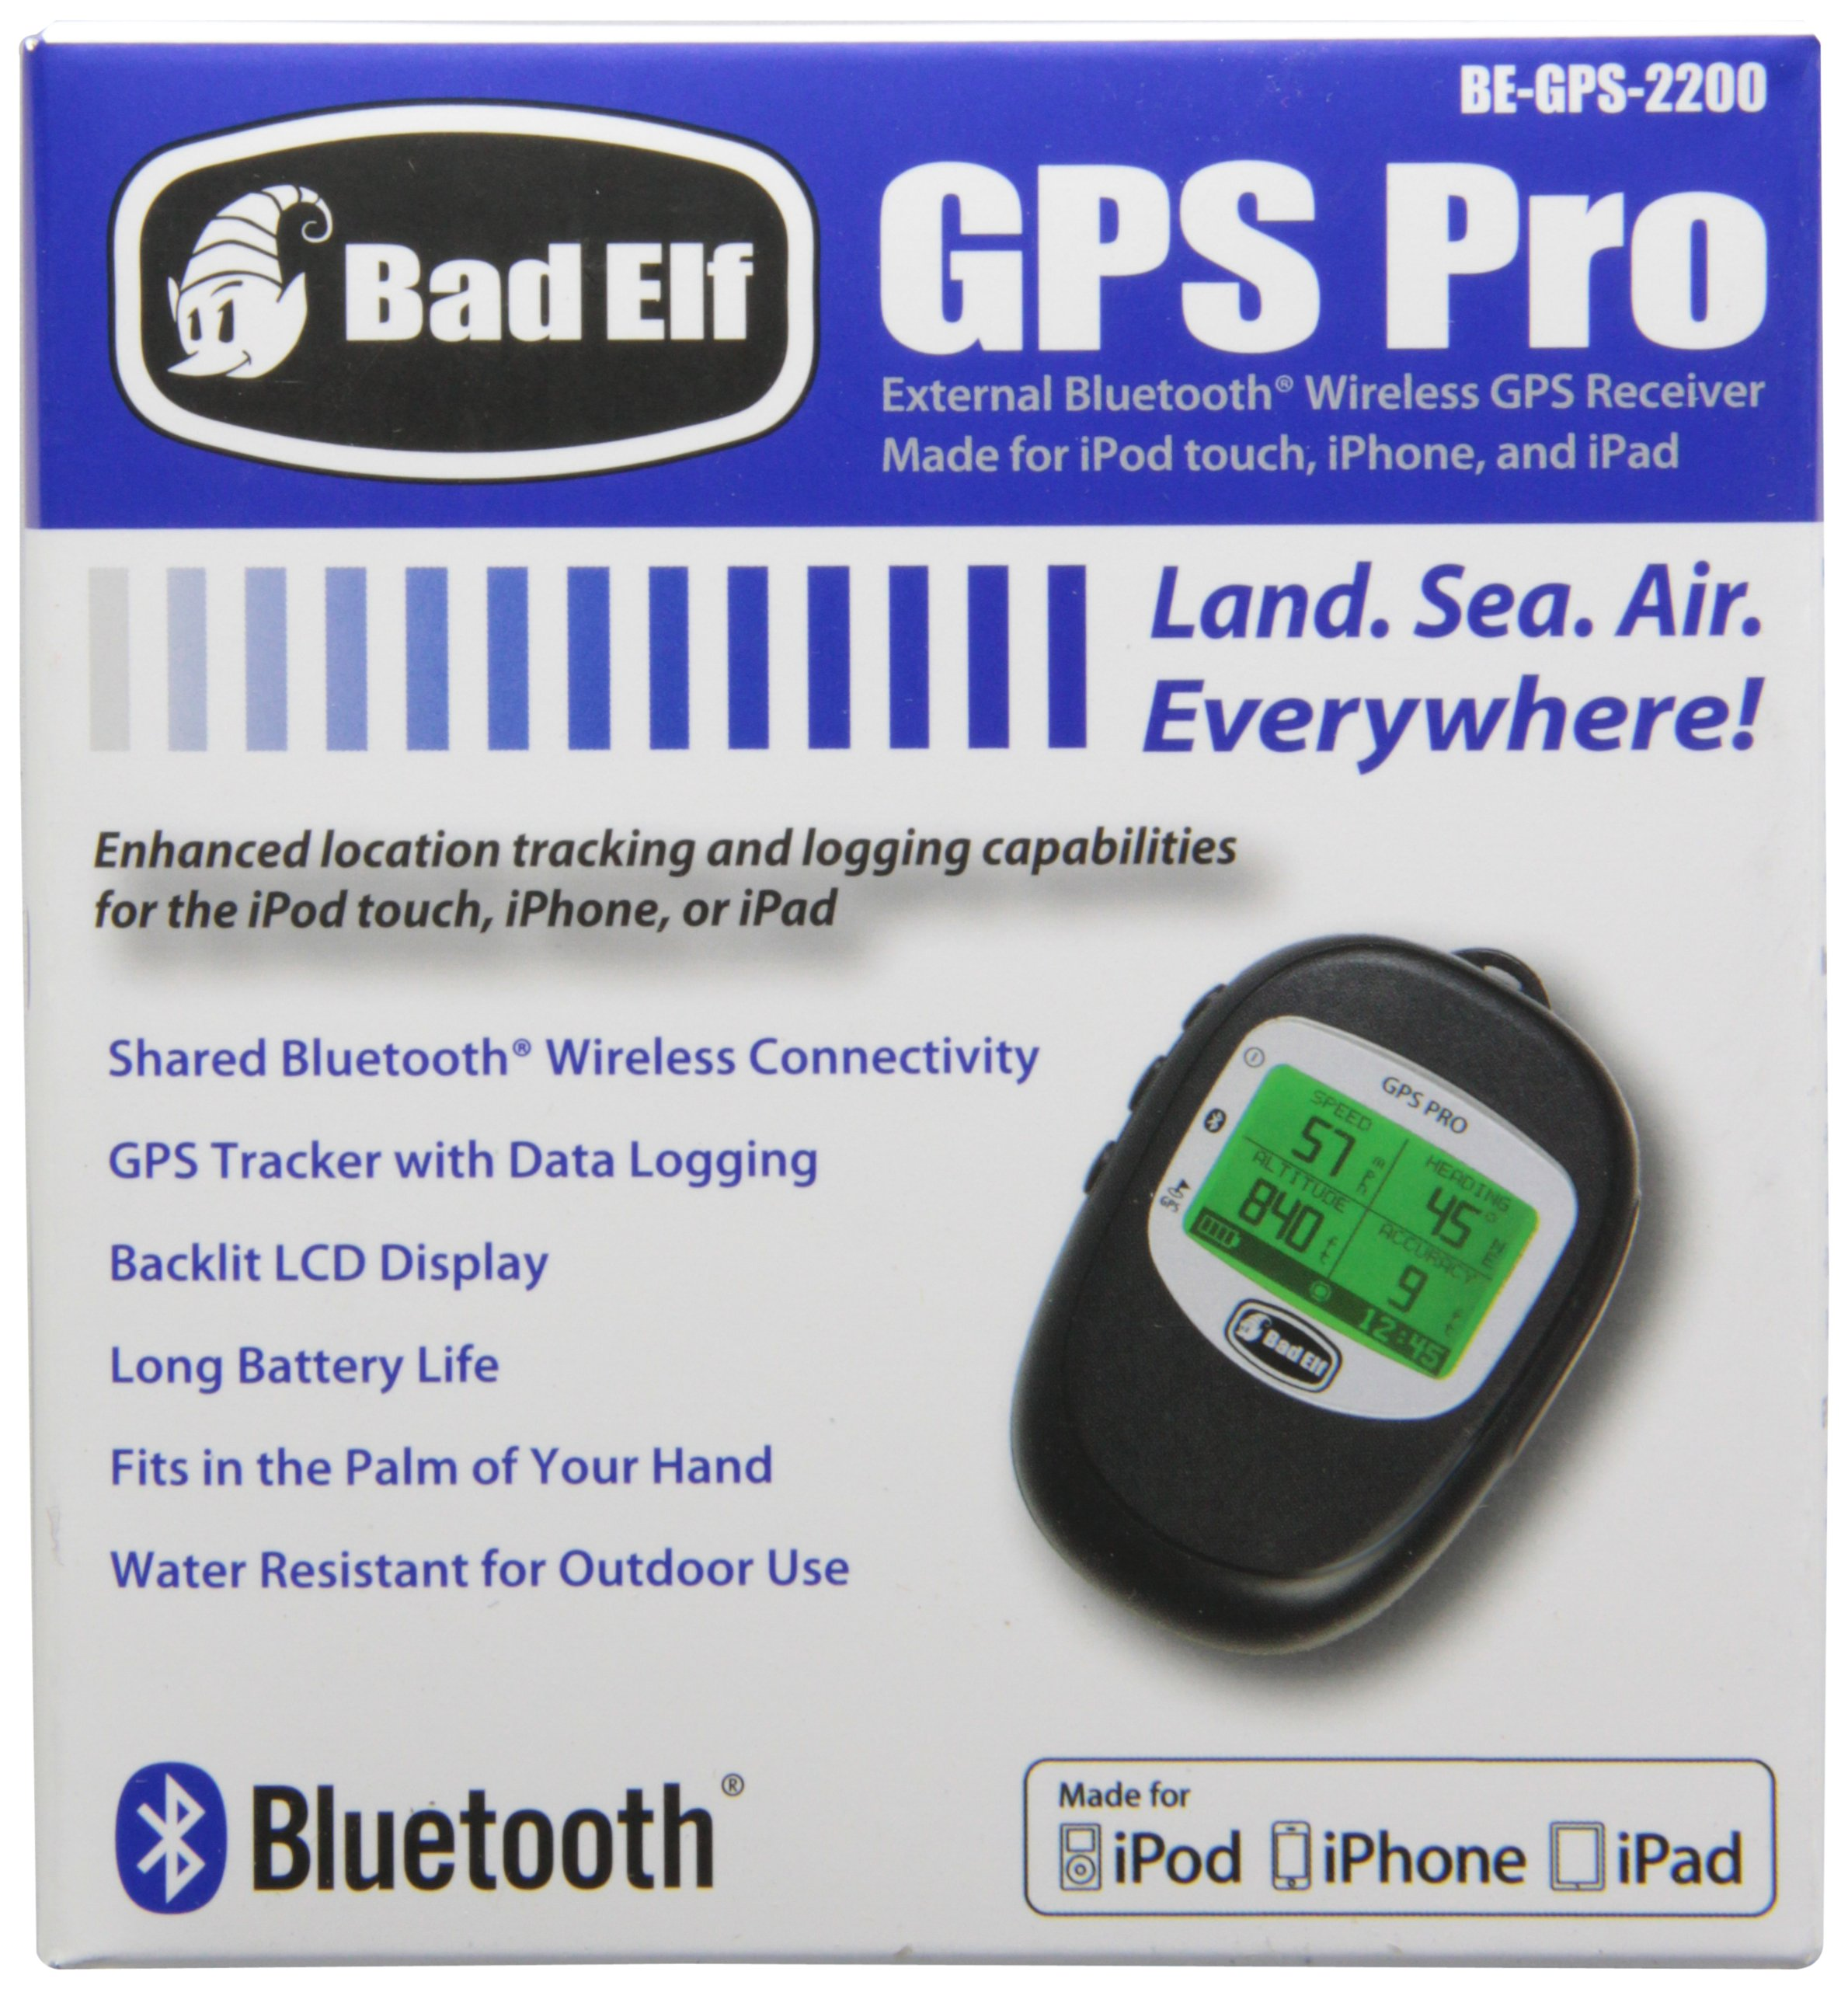 Bad Elf 2200 GPS Pro (Black/silver) by Bad Elf (Image #29)